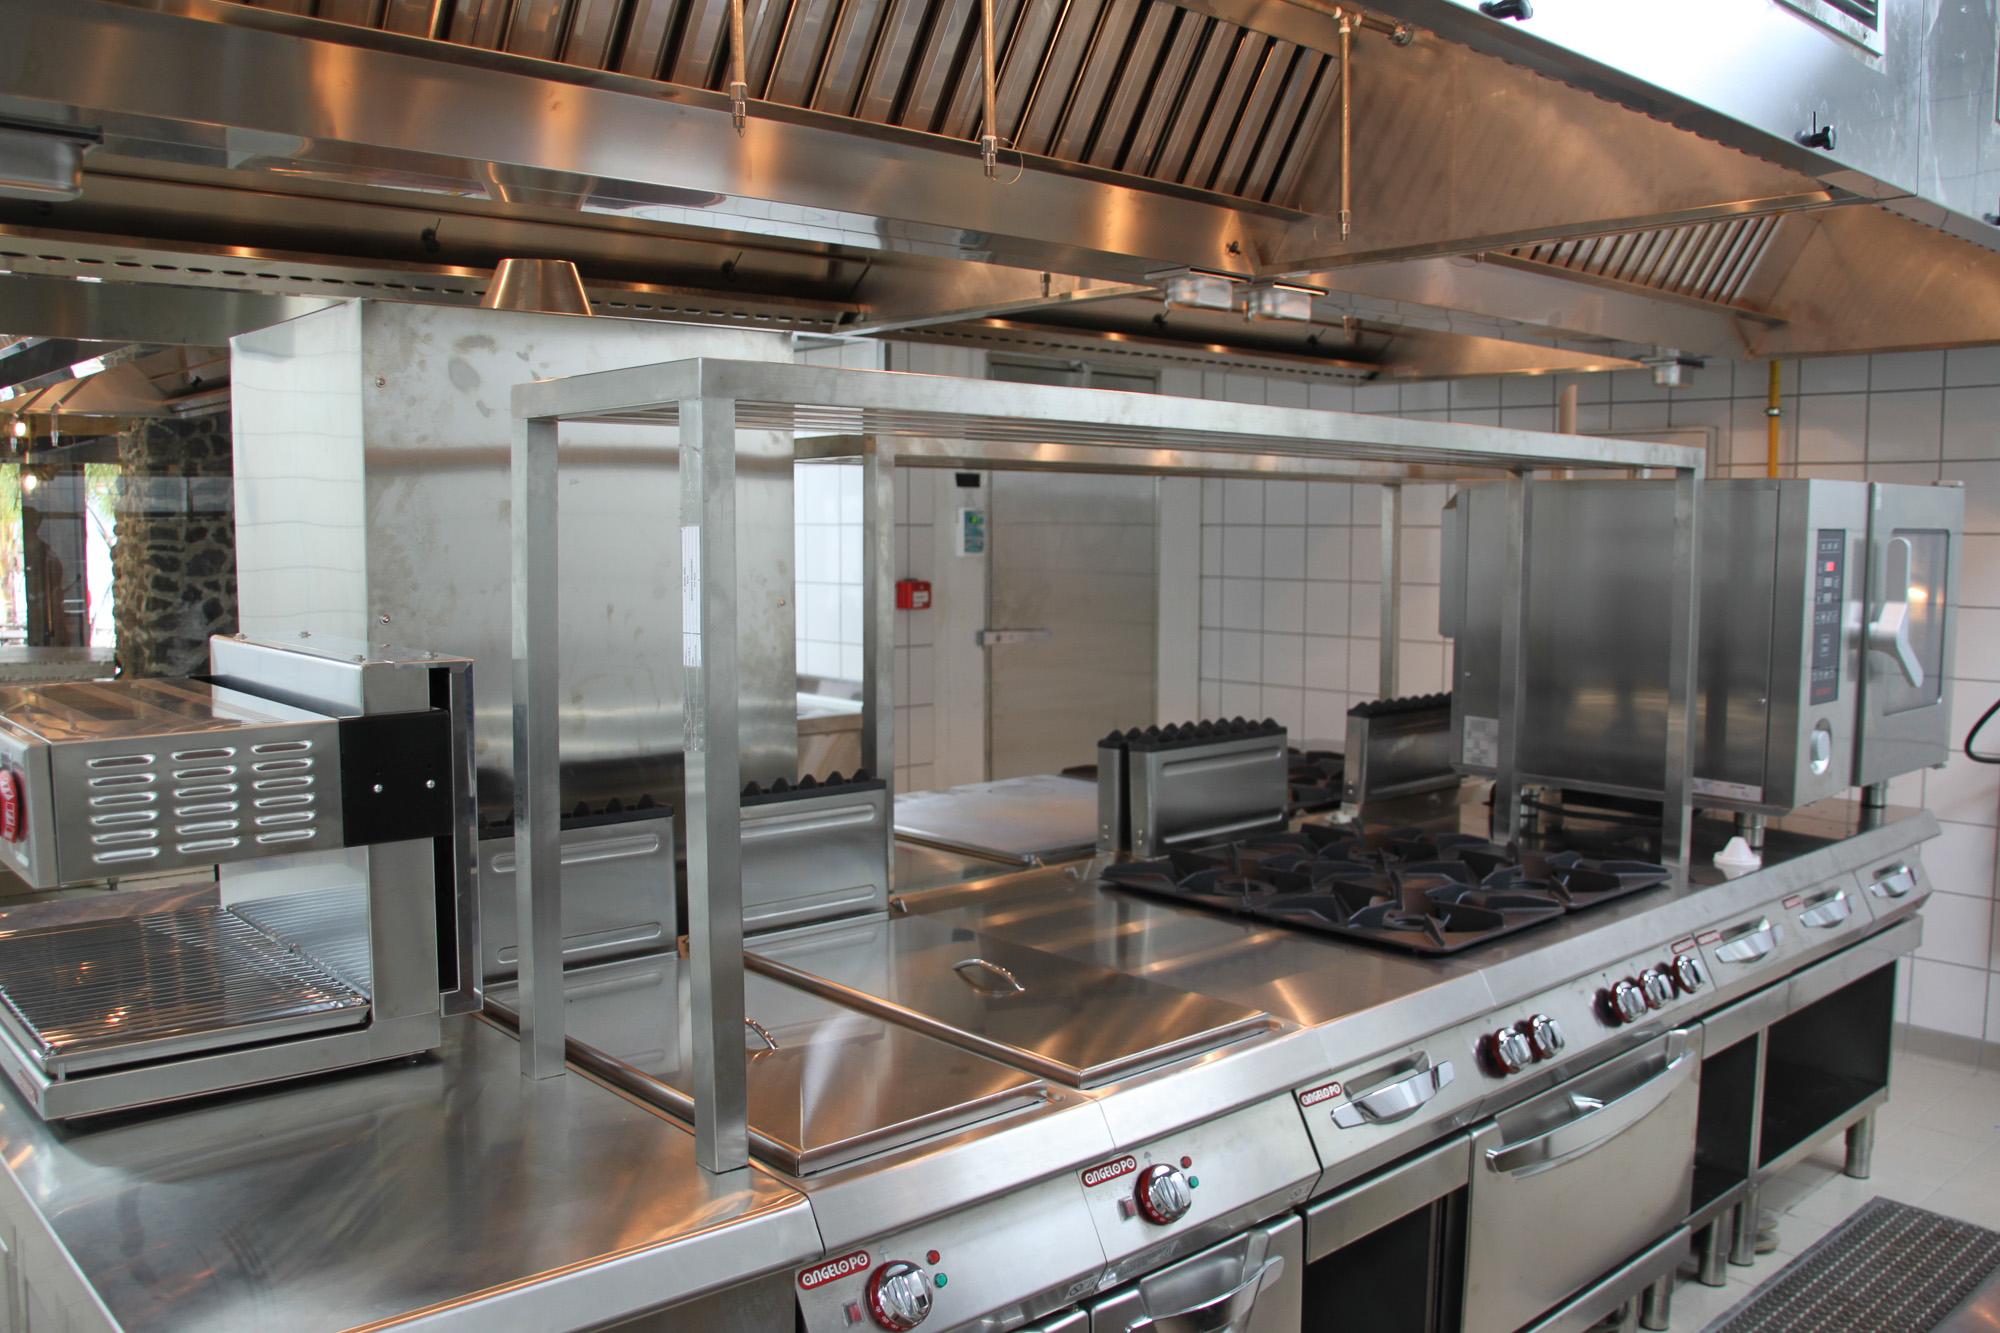 Italia_kitchen_-st.regis-9